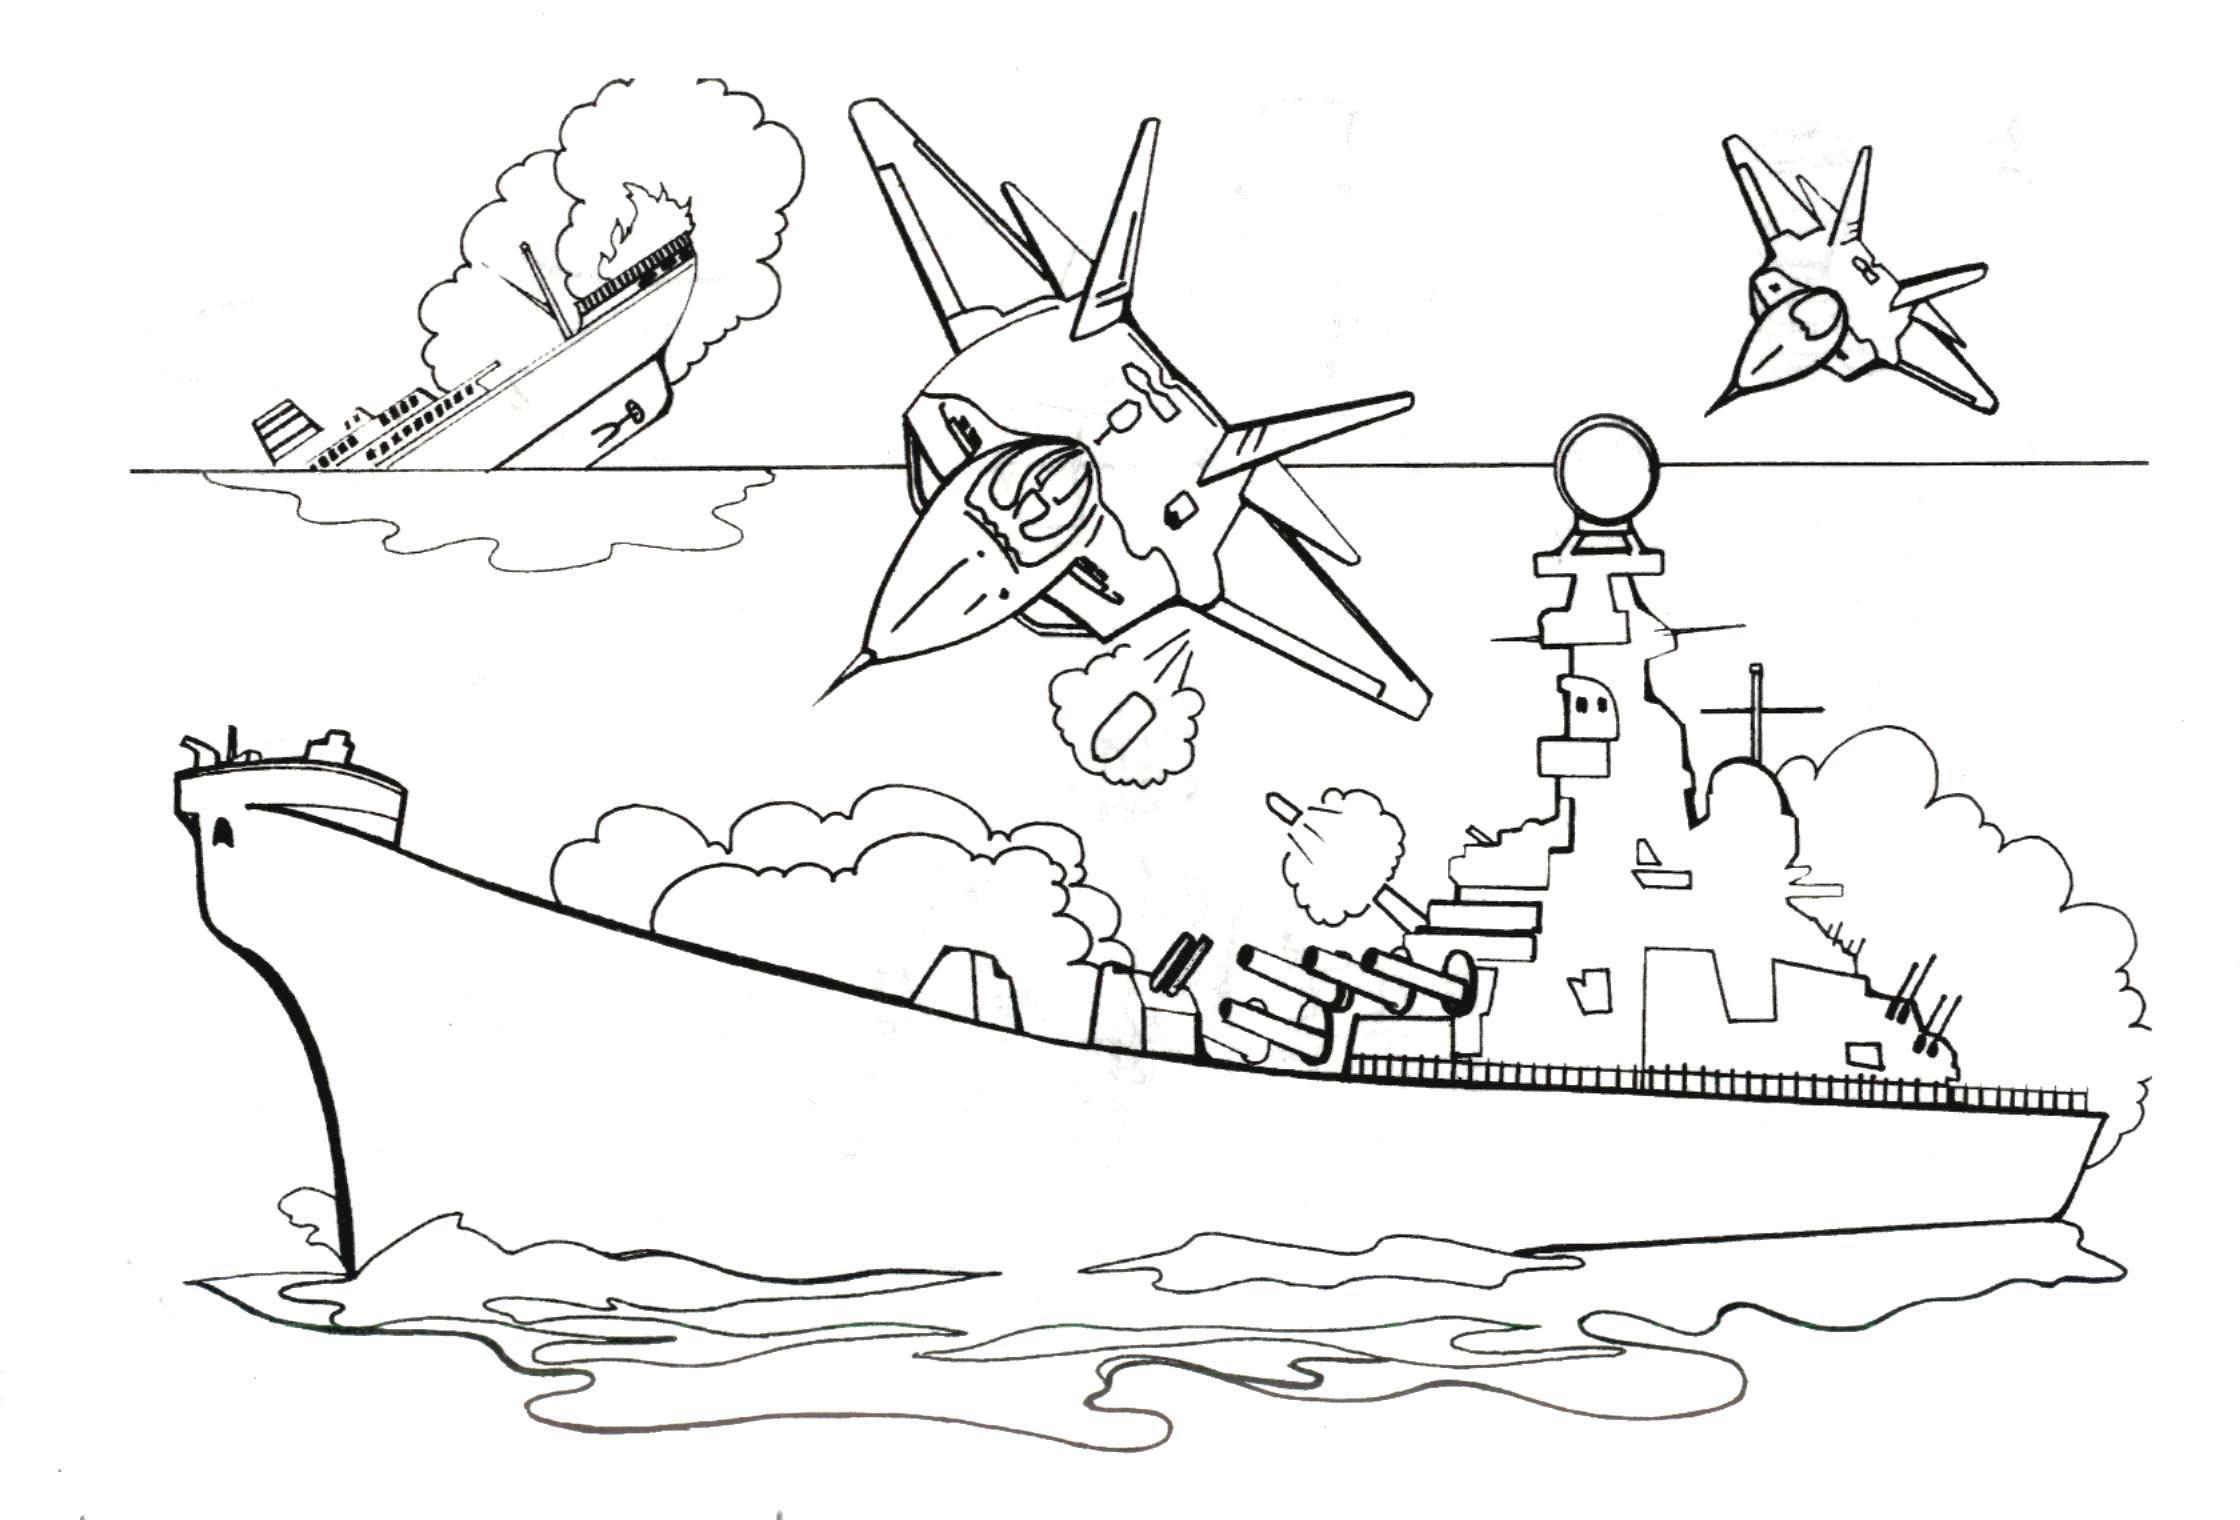 раскраски для мальчиков корабль и самолеты боевые действия